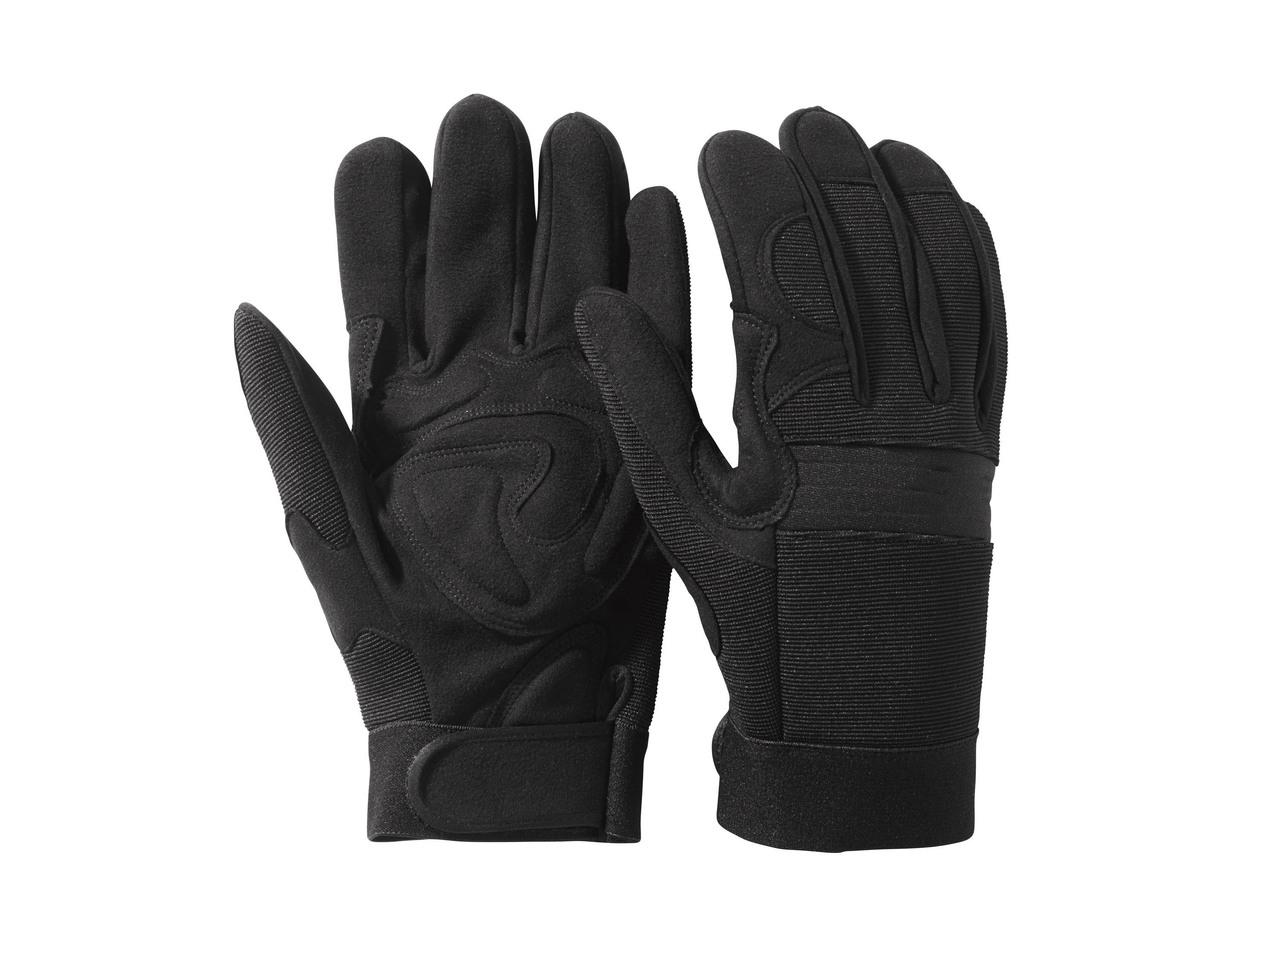 alta moda super popolare l'atteggiamento migliore ultimo stile a buon mercato vendita calda guanti lidl ...